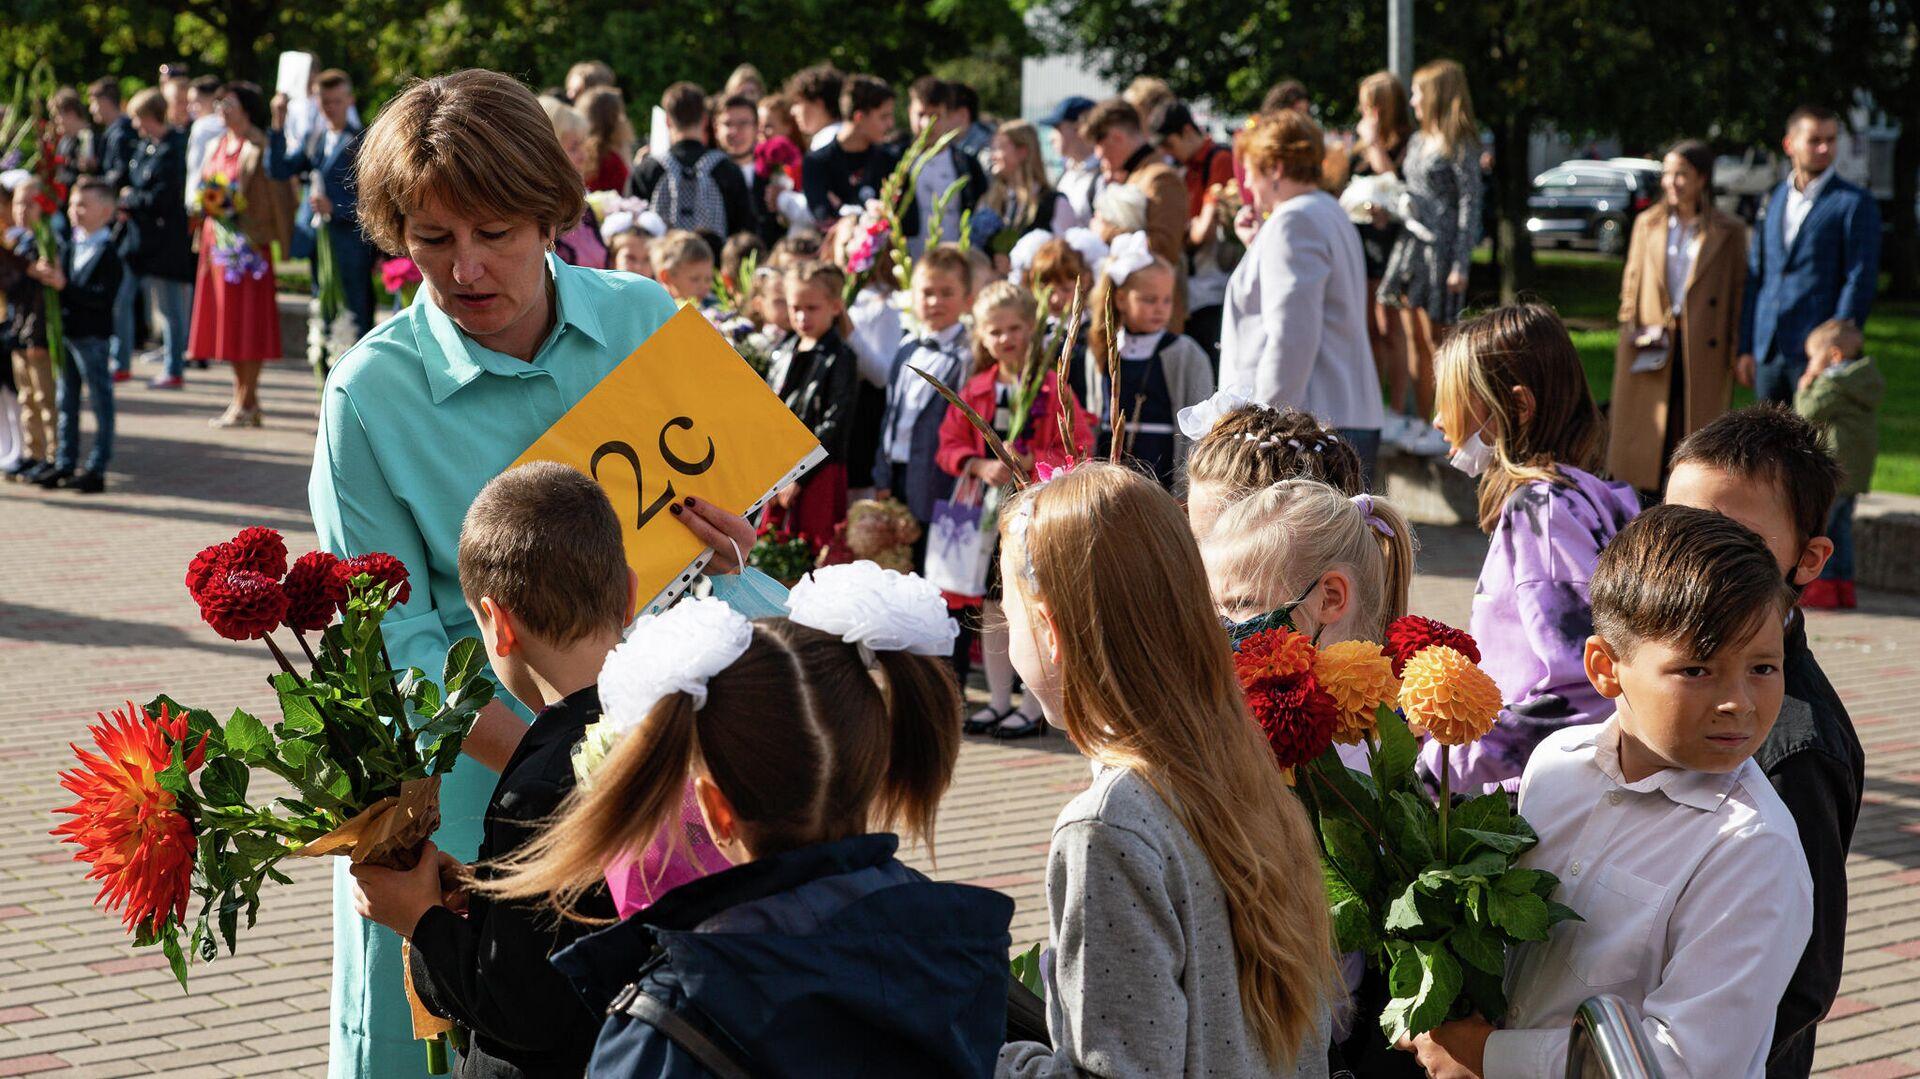 Учительница дает наставления своим ученикам  - Sputnik Латвия, 1920, 21.09.2021